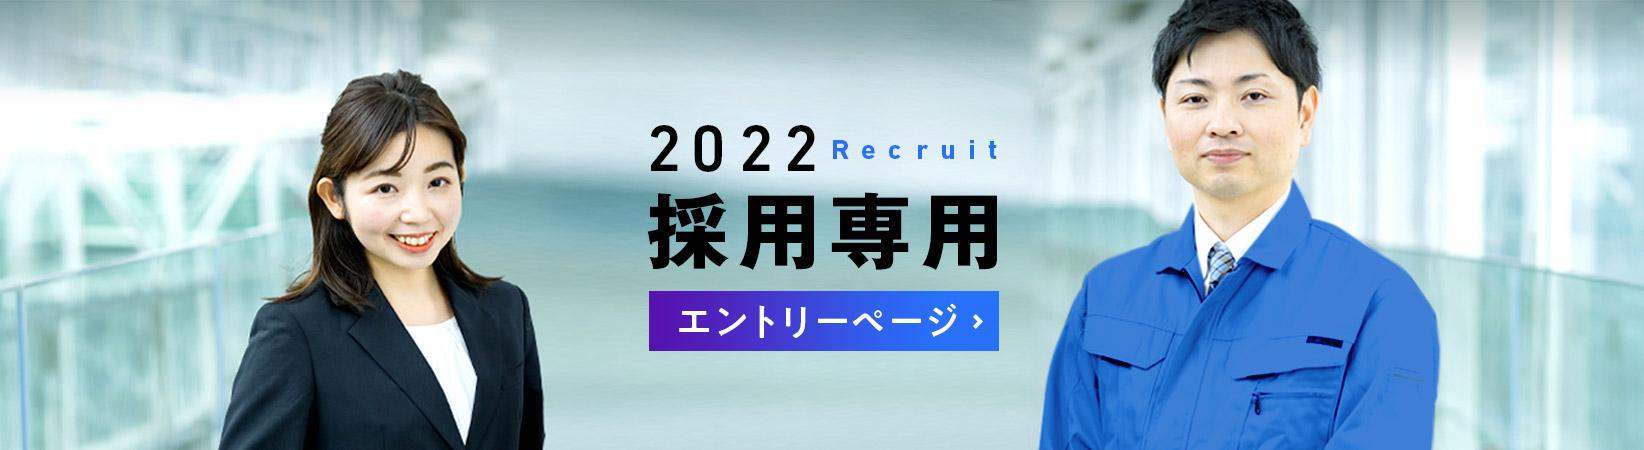 2022採用専用エントリーページ